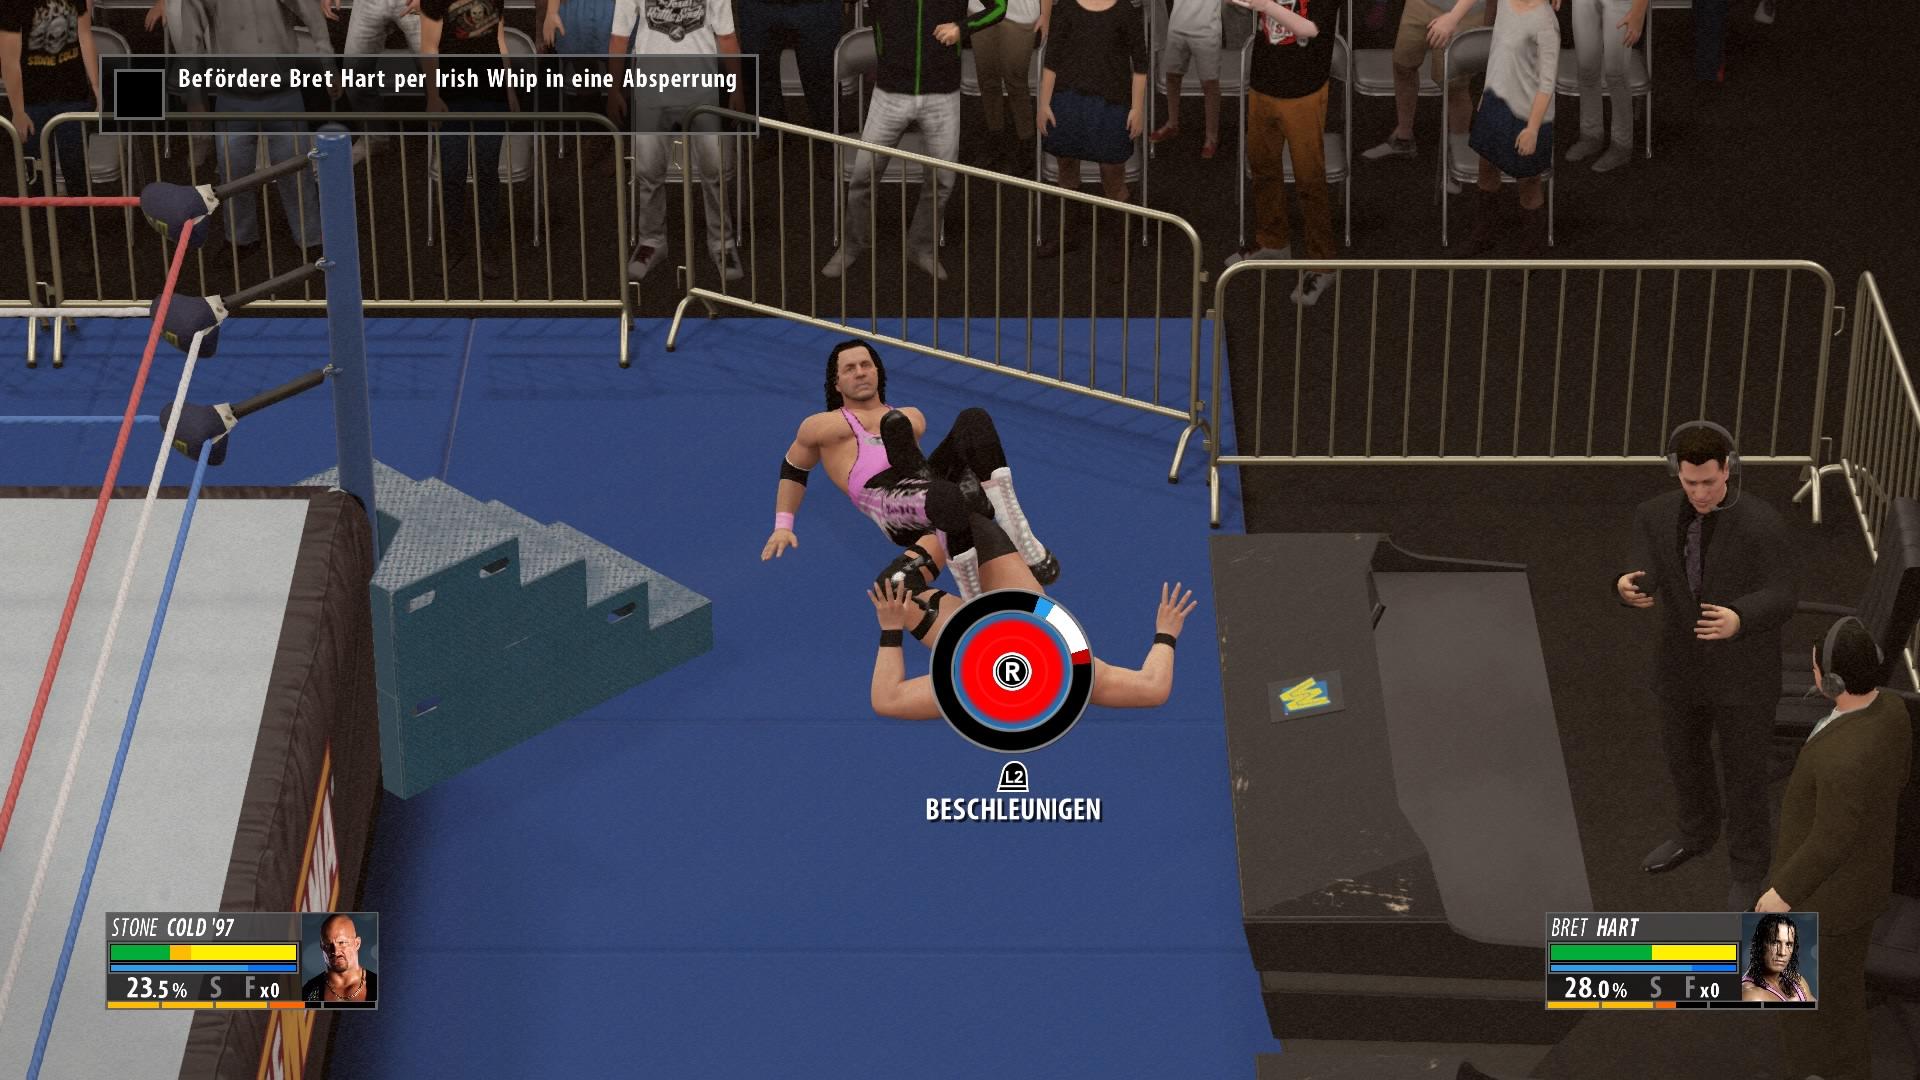 Wird der Kreis rot bzw. blau gefüllt hat man gewonnen bzw. verloren.